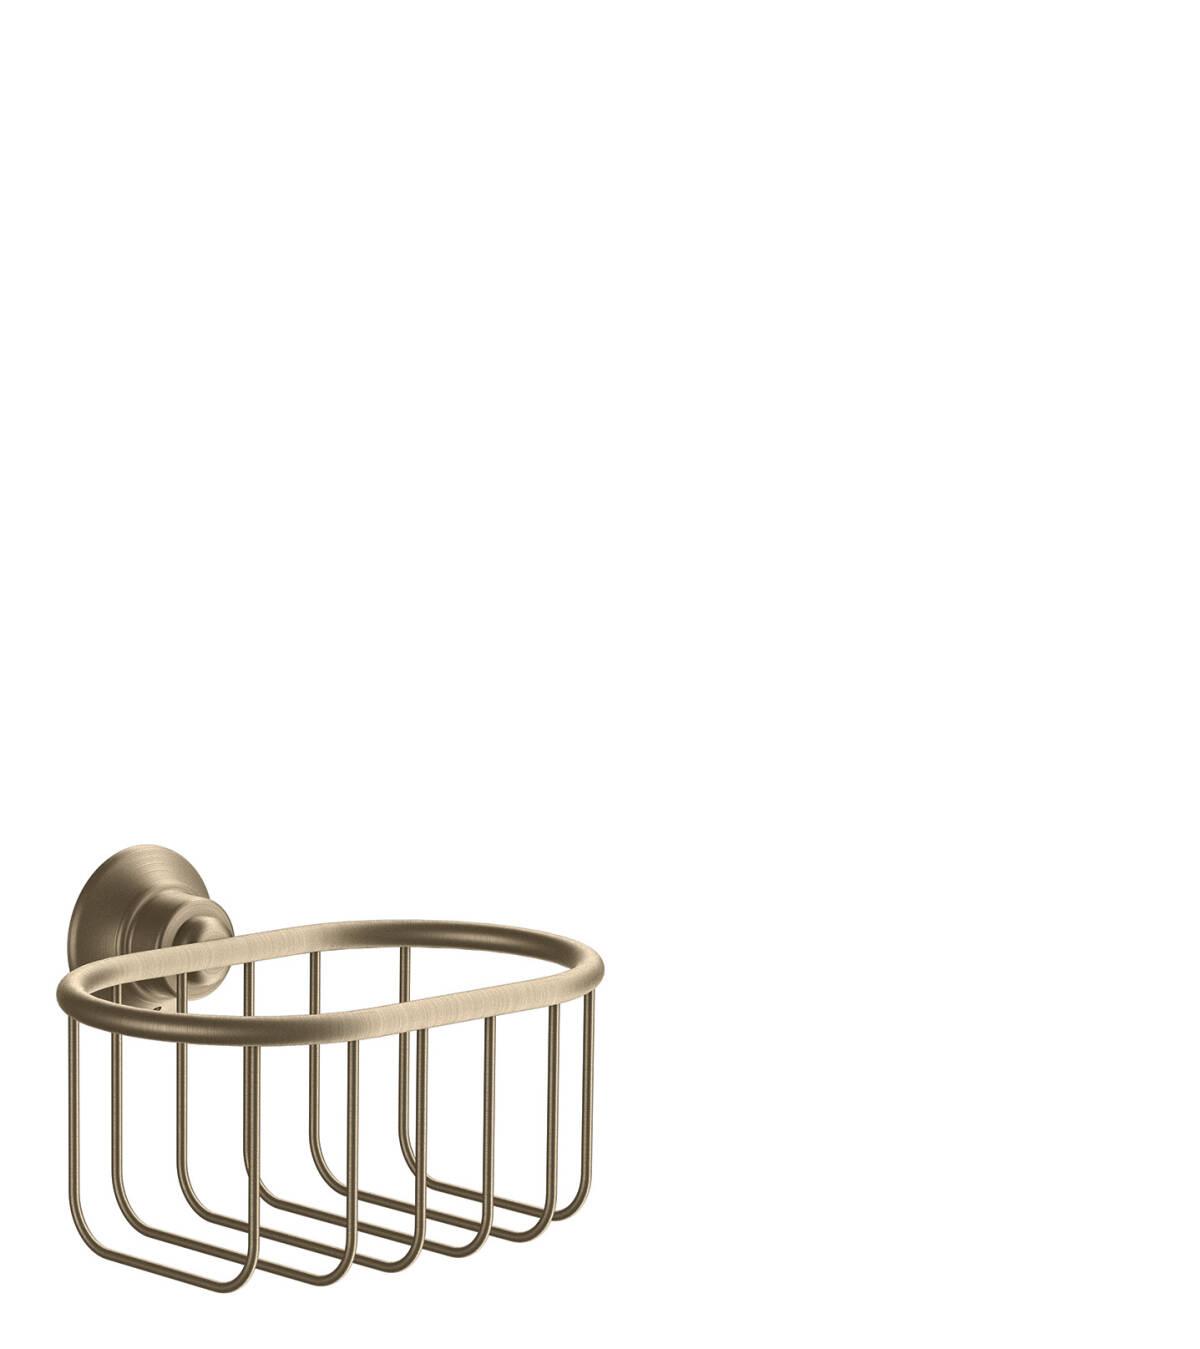 Corner basket 160/101, Brushed Nickel, 42065820